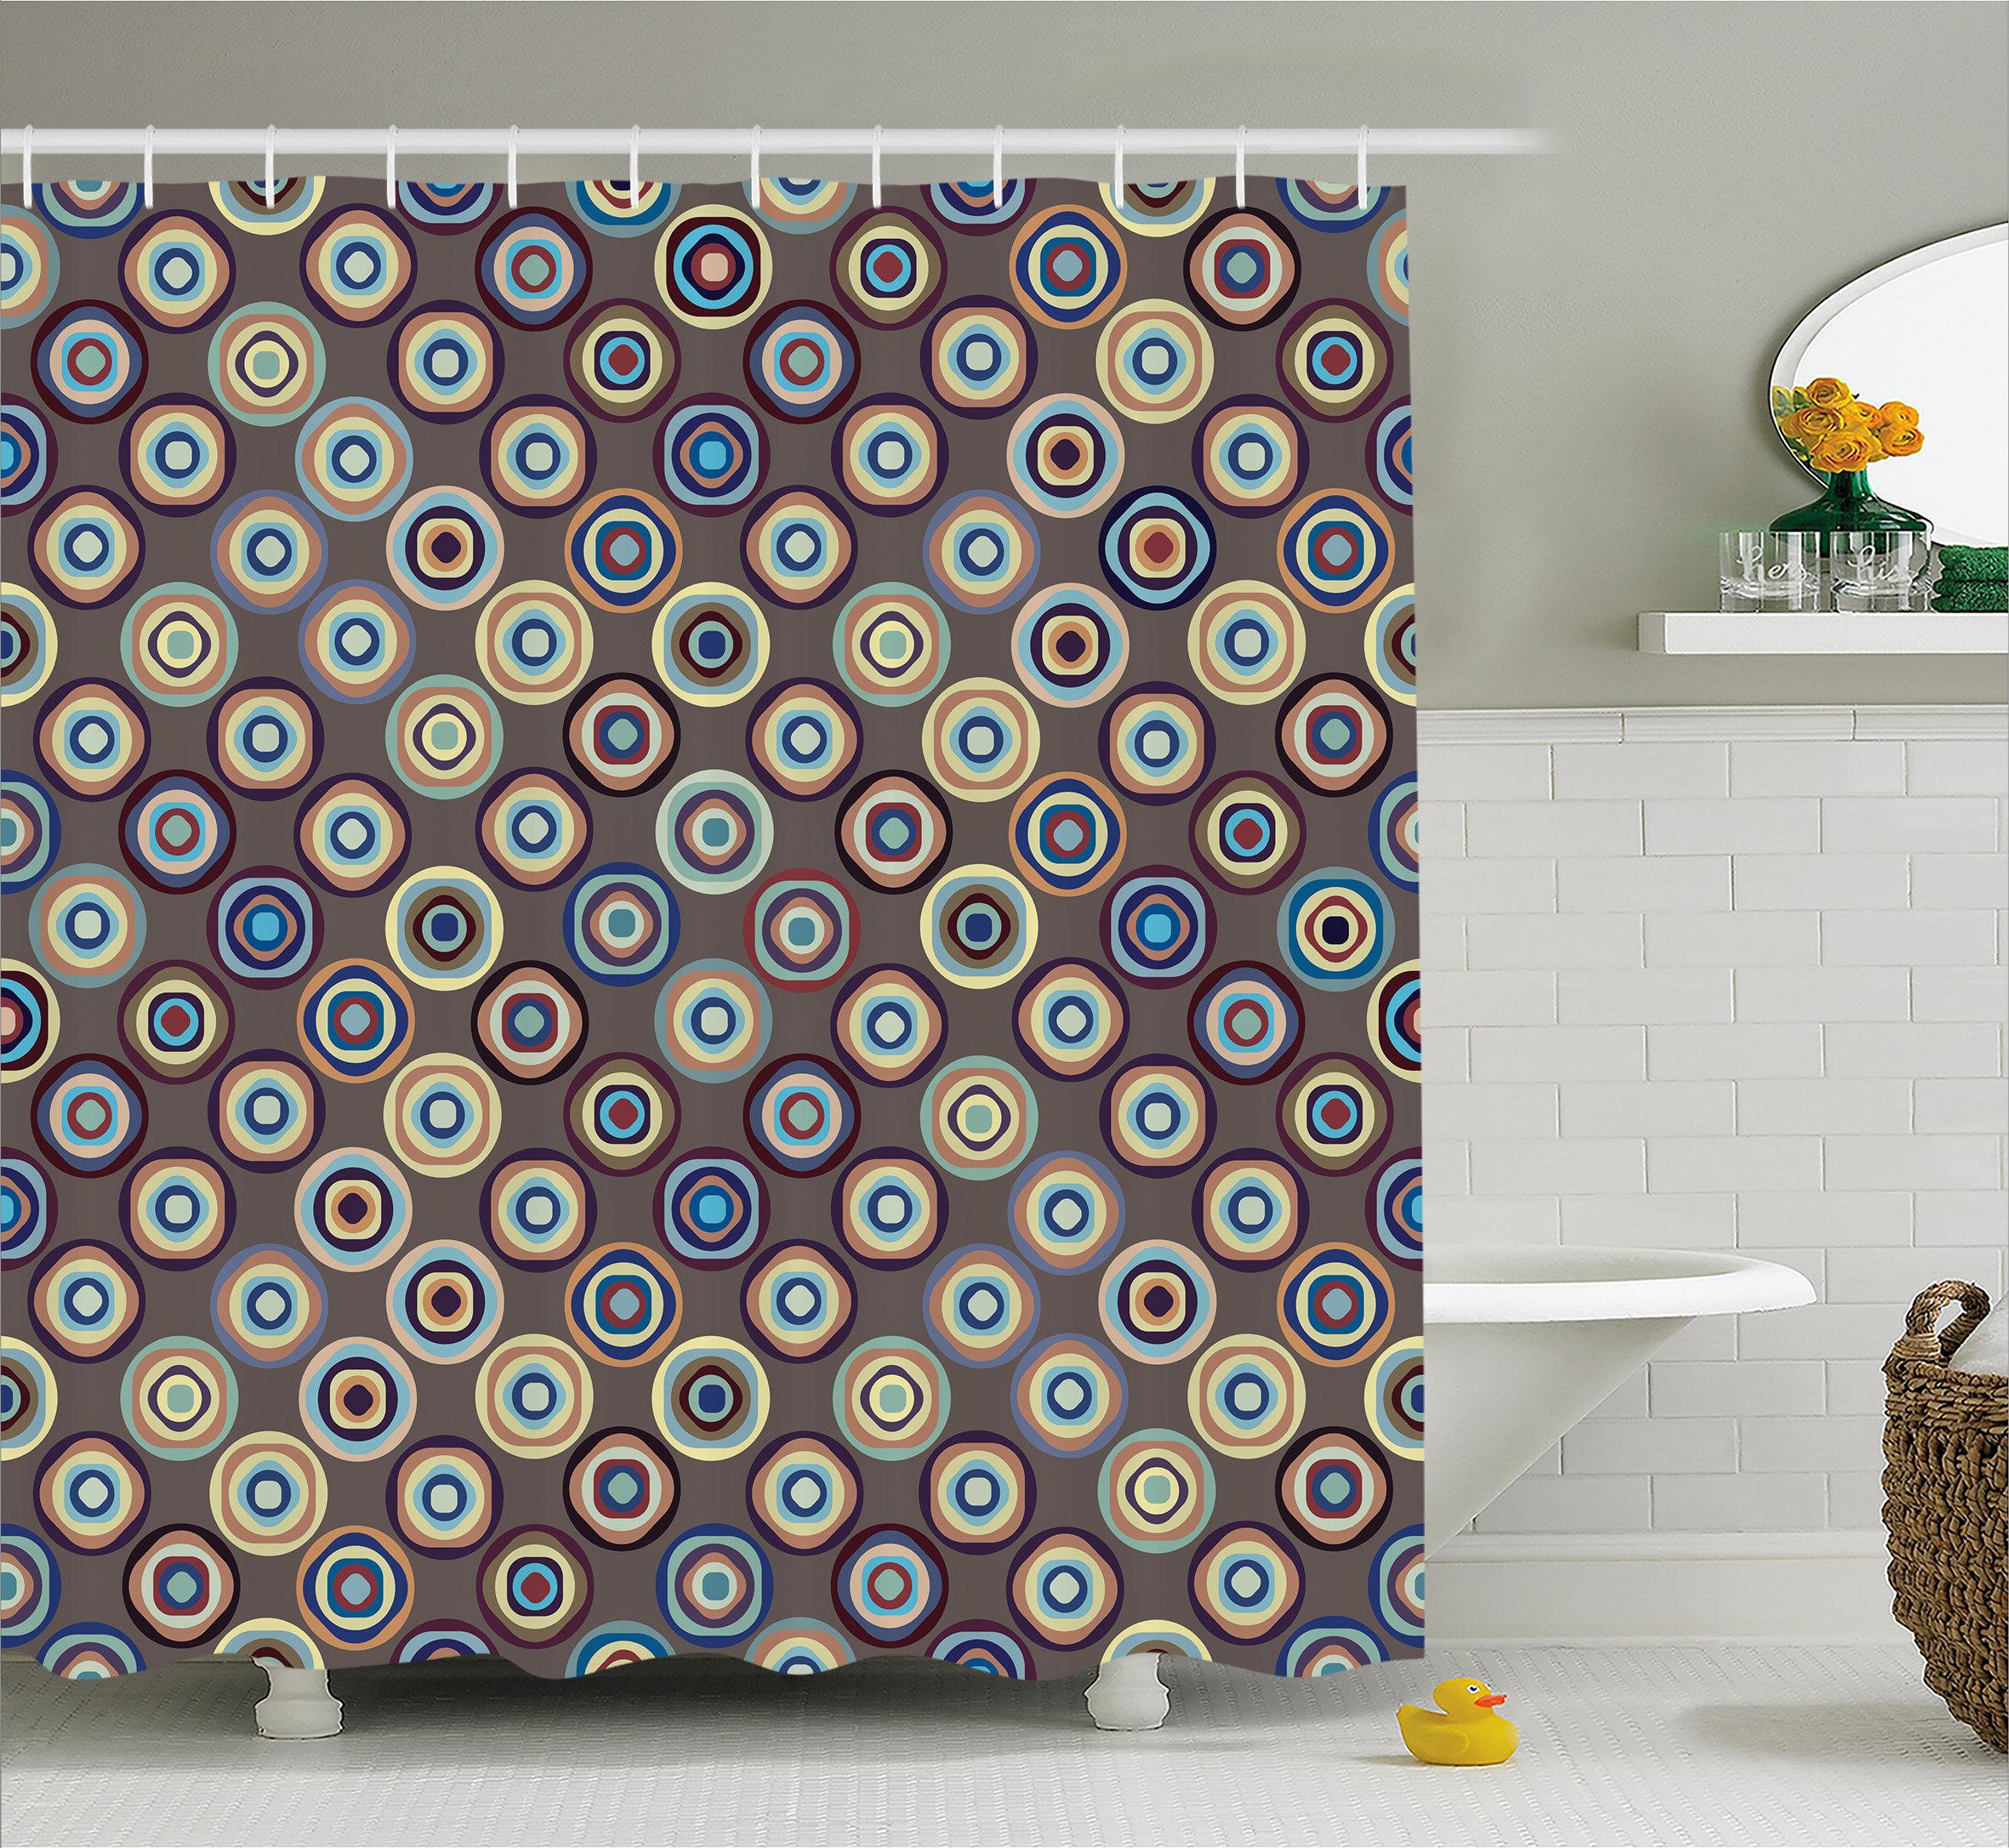 Ebern Designs Burkett Abstract Big Dots Shower Curtain & Reviews ...